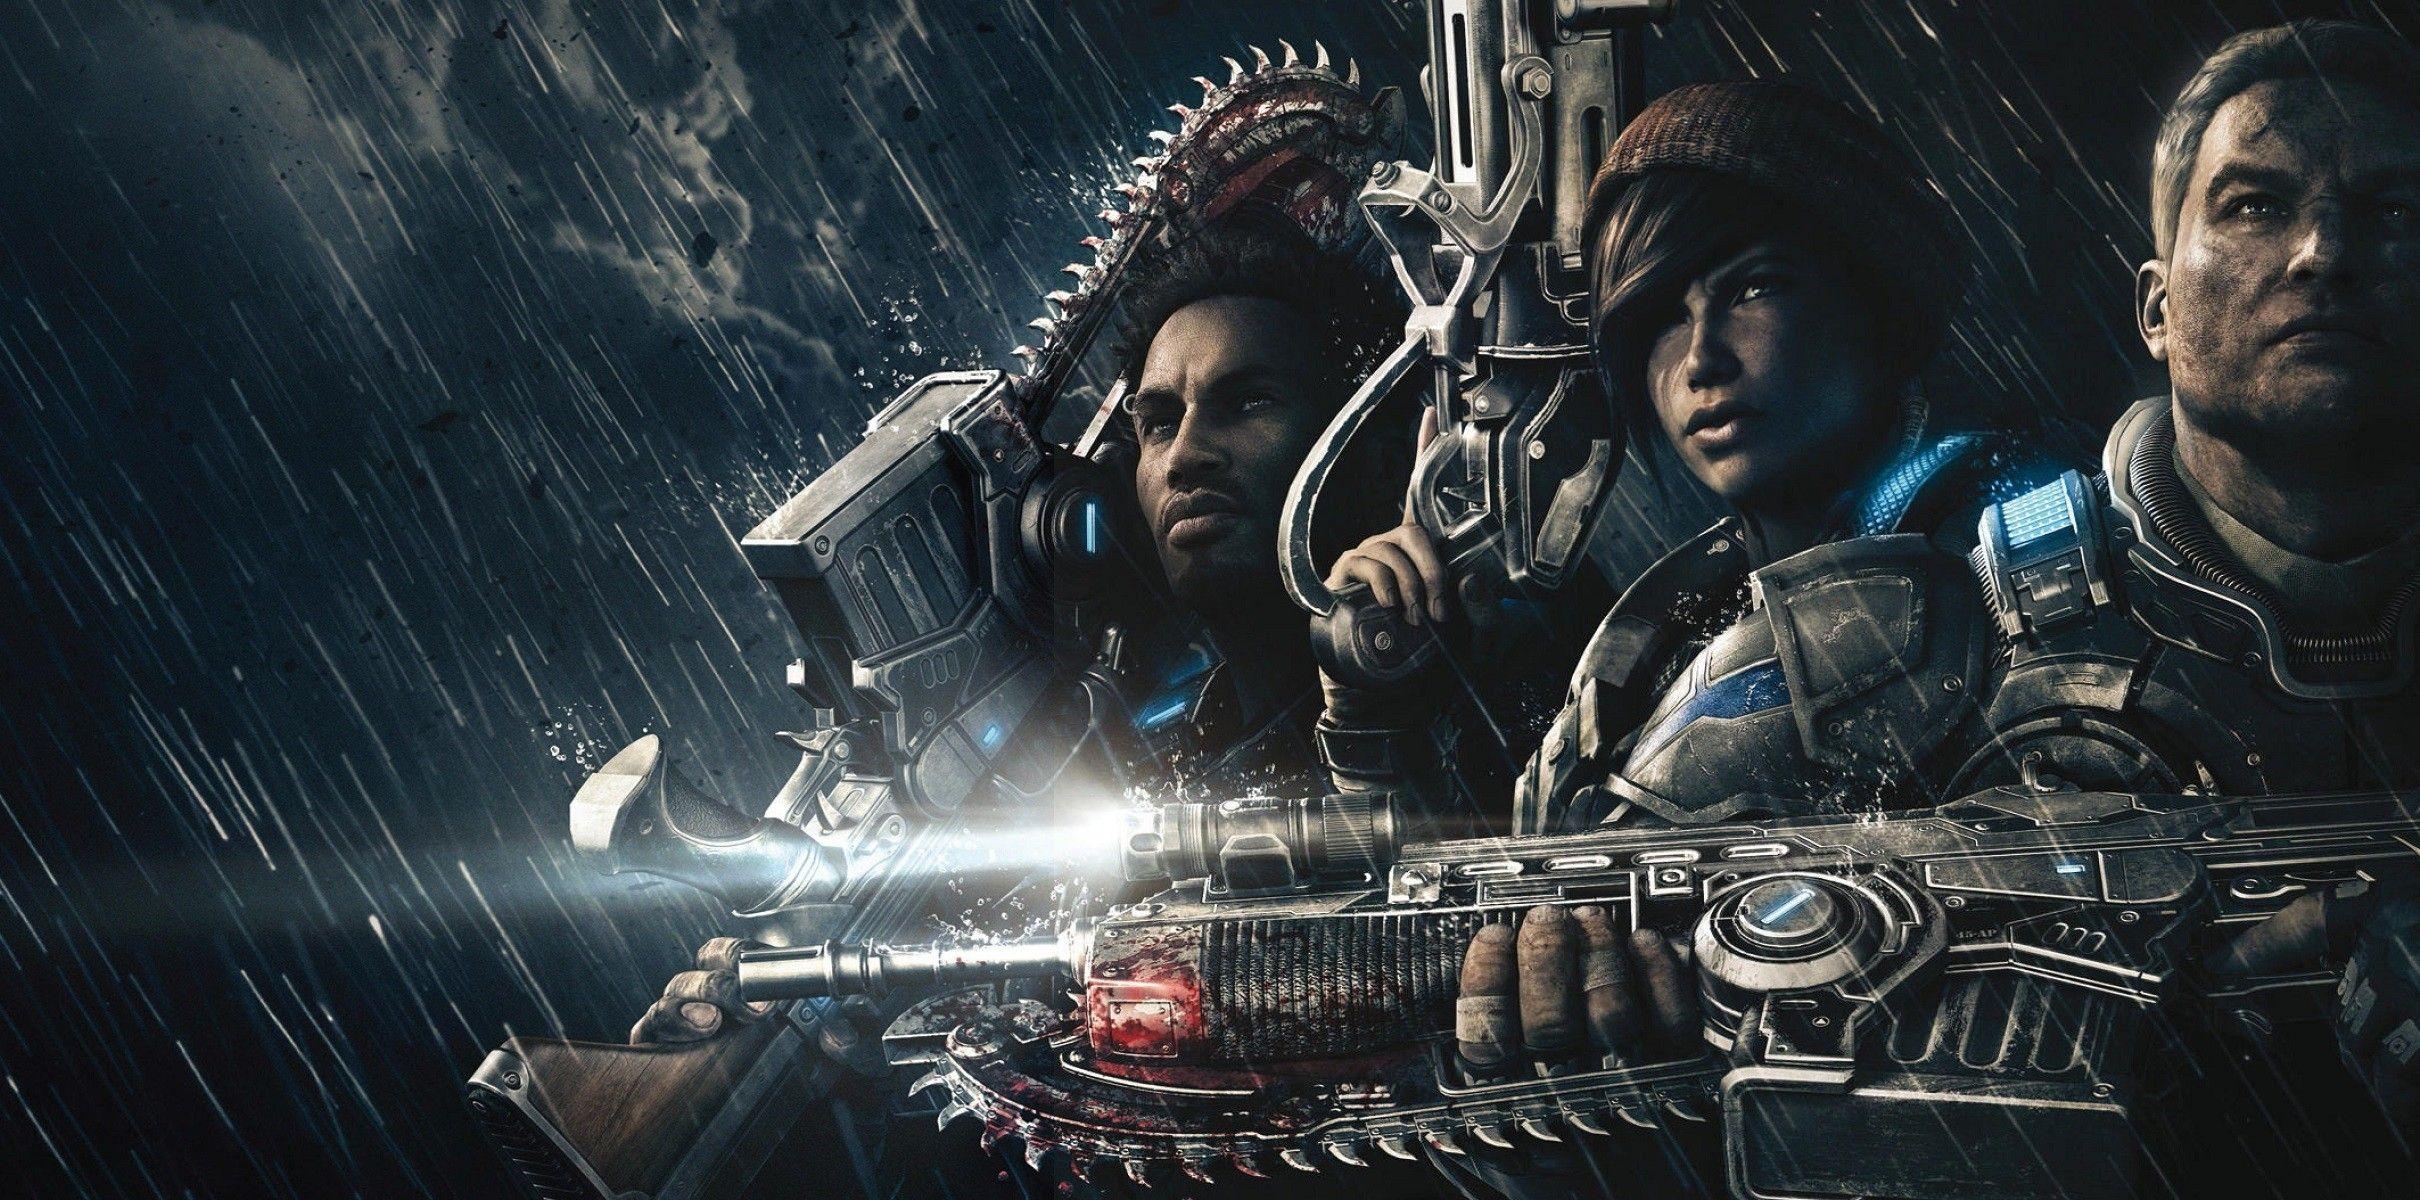 Gears Of War Hd Wallpaper 76 Images Di 2020